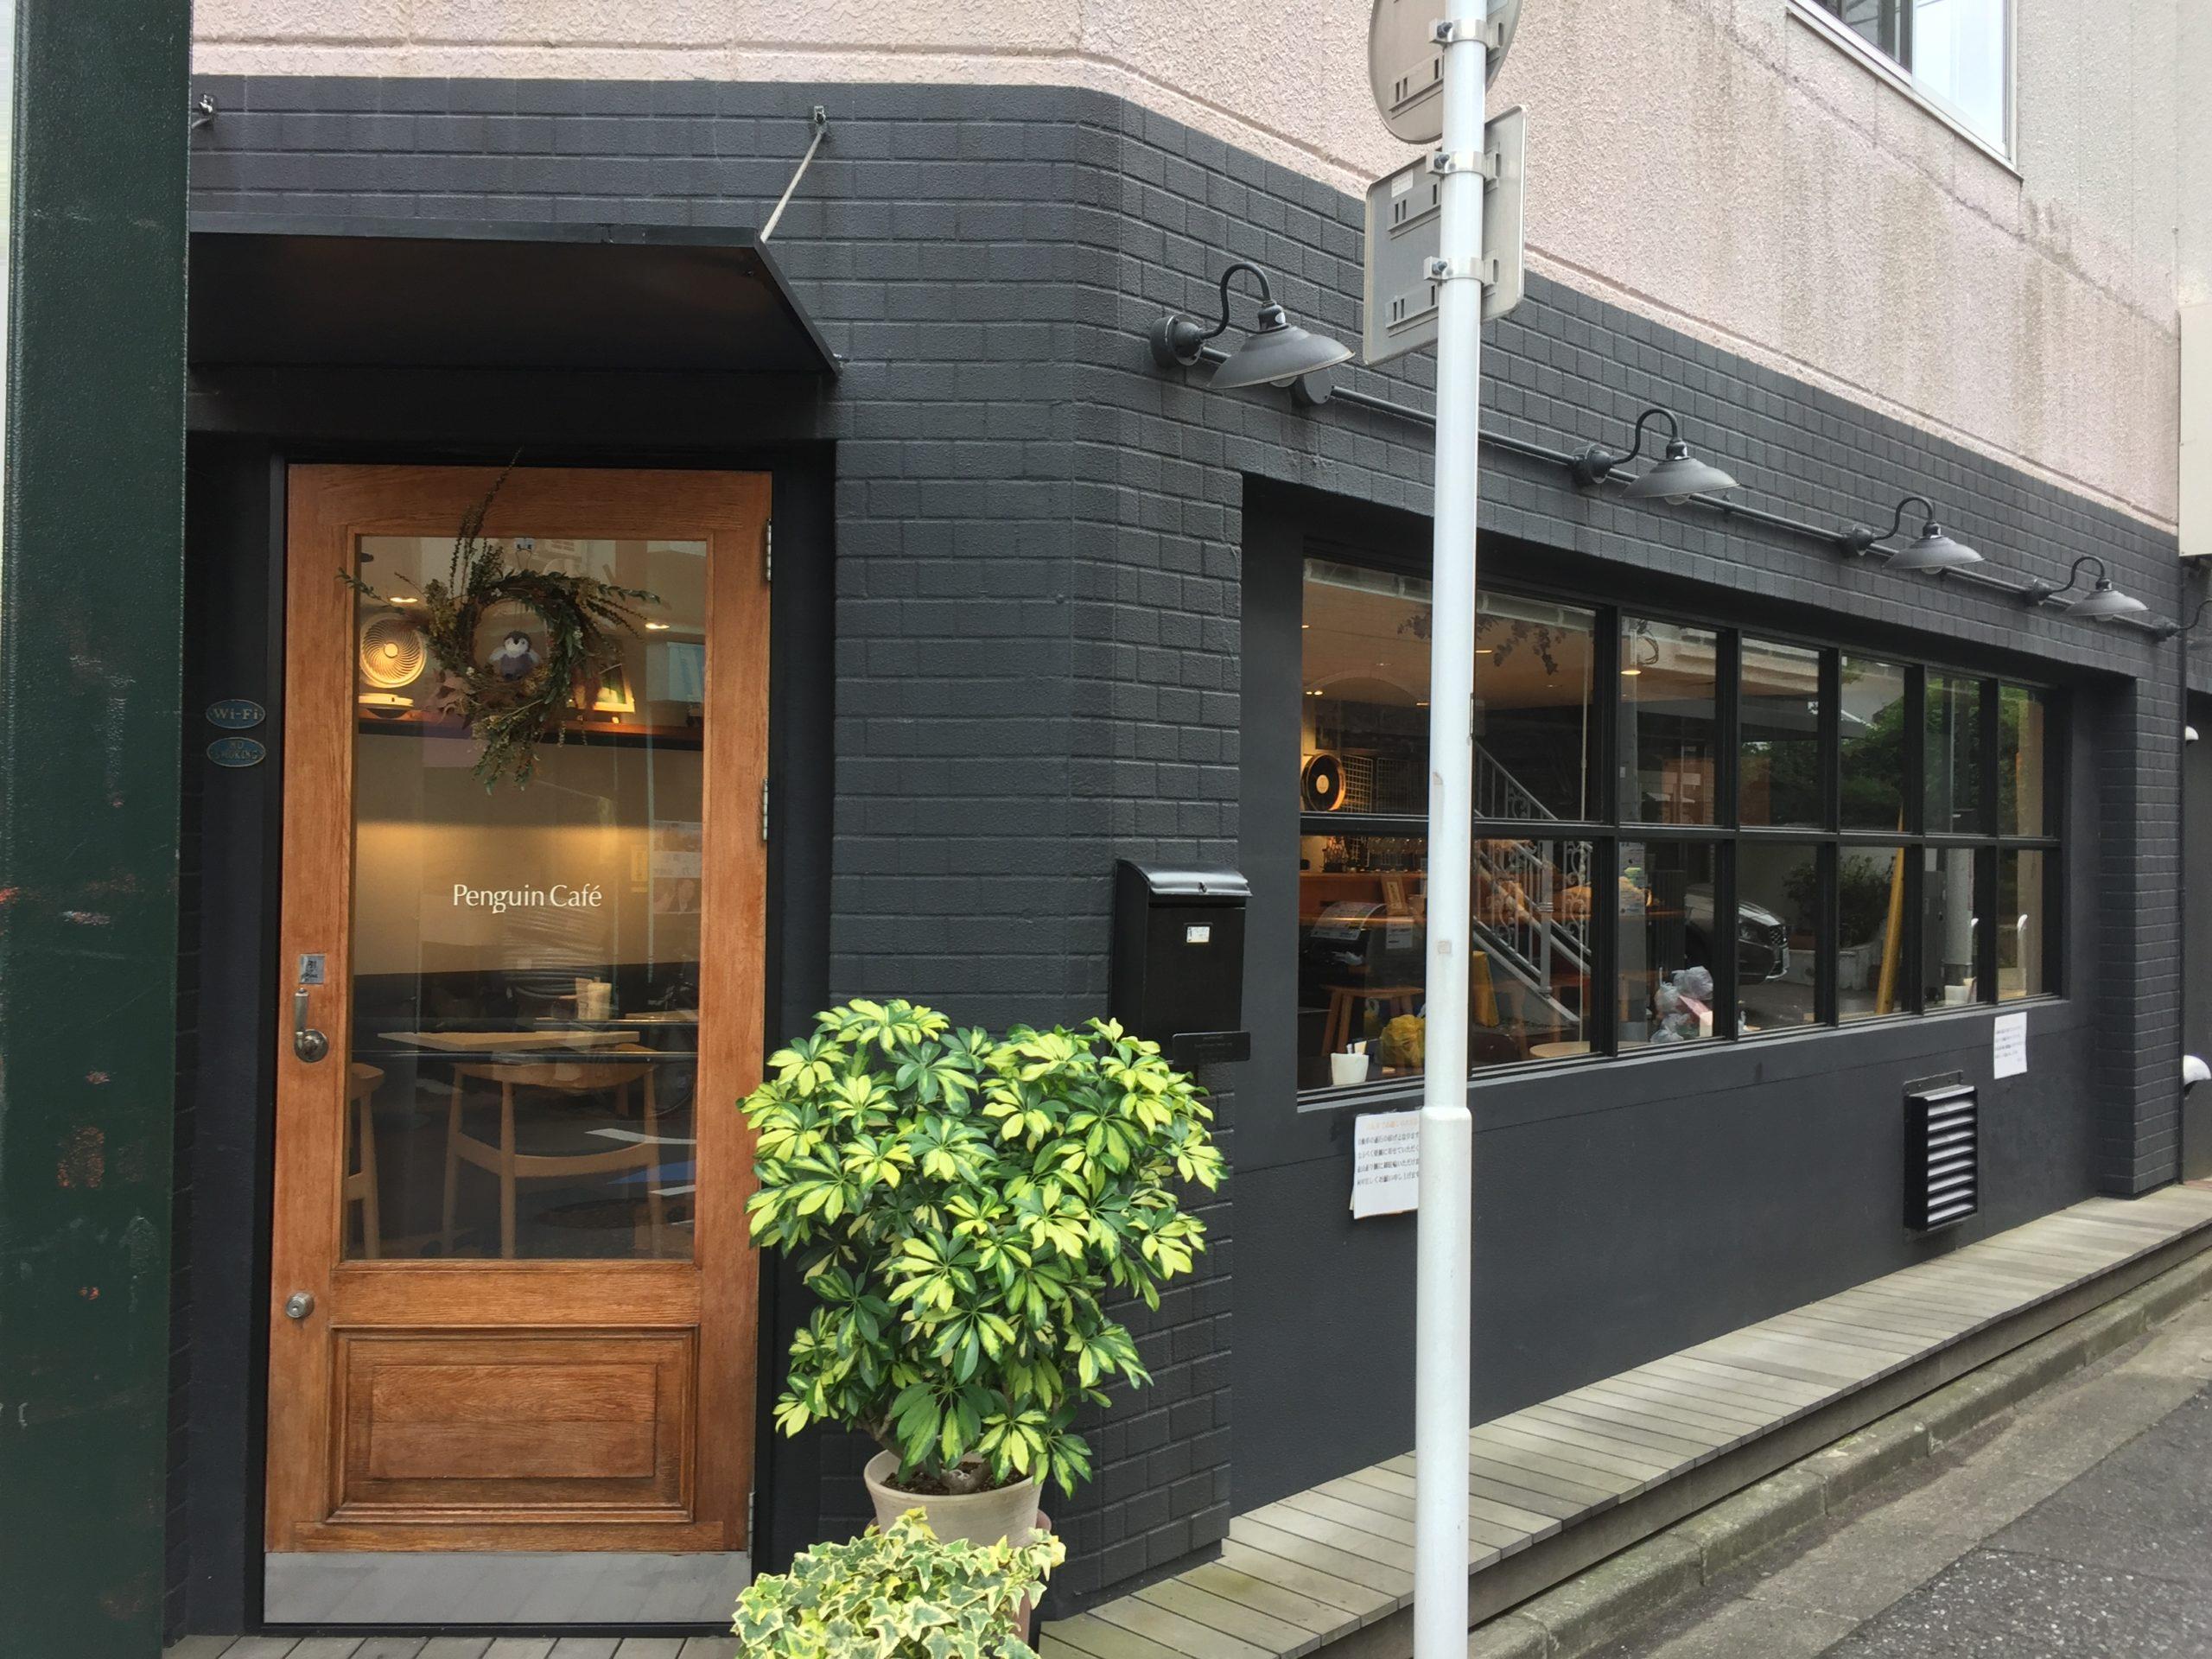 東京都阿佐ヶ谷 Penguin Café ペンギンカフェ